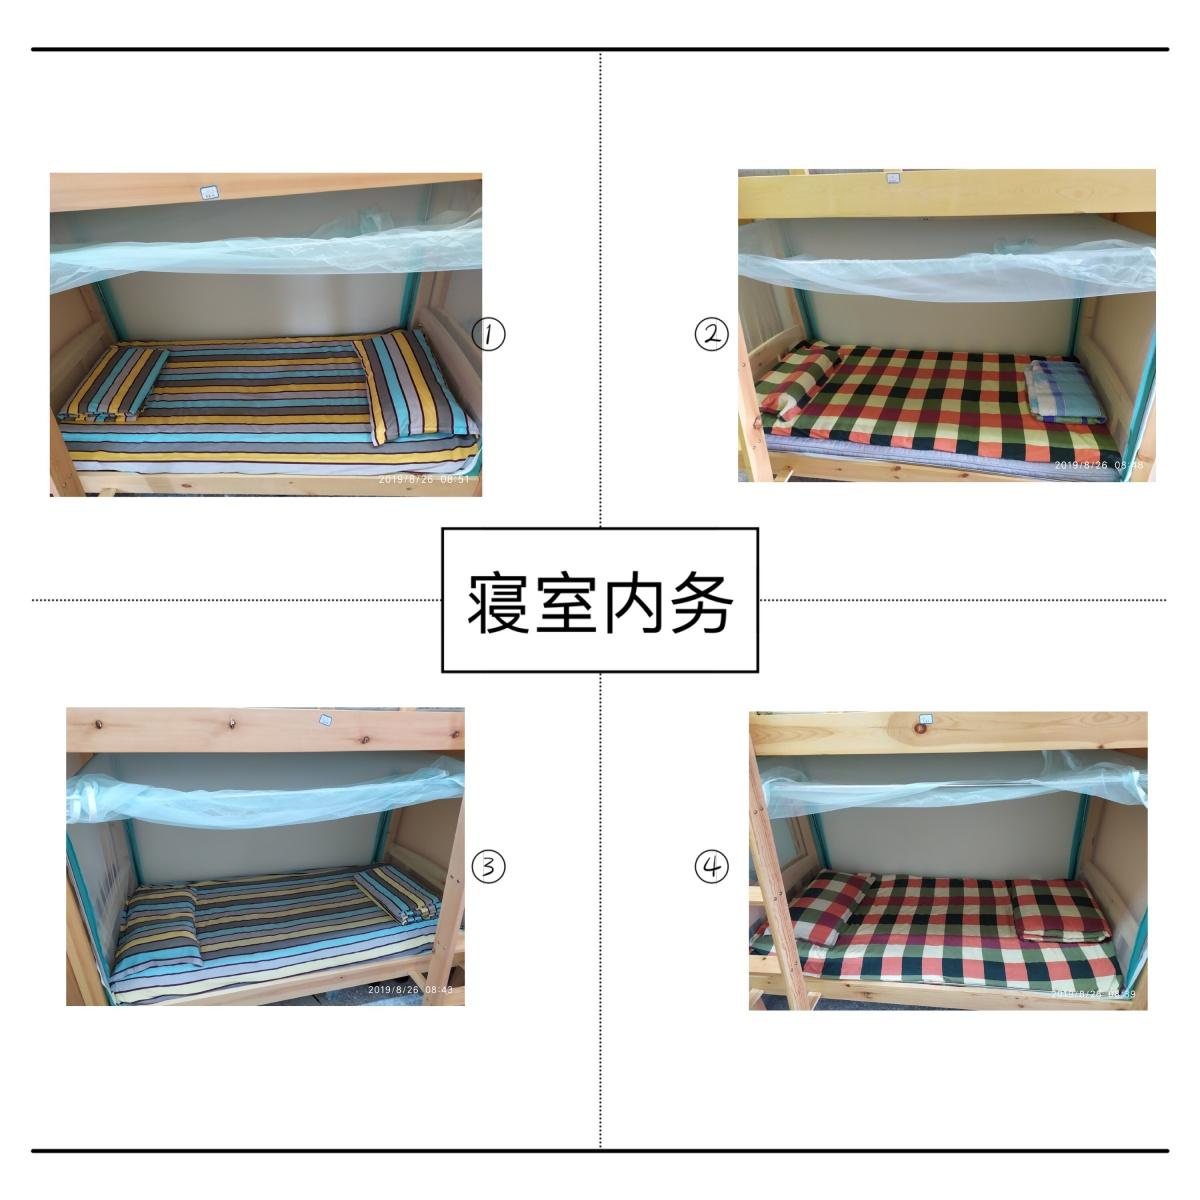 5.寝室内务整理2.jpg